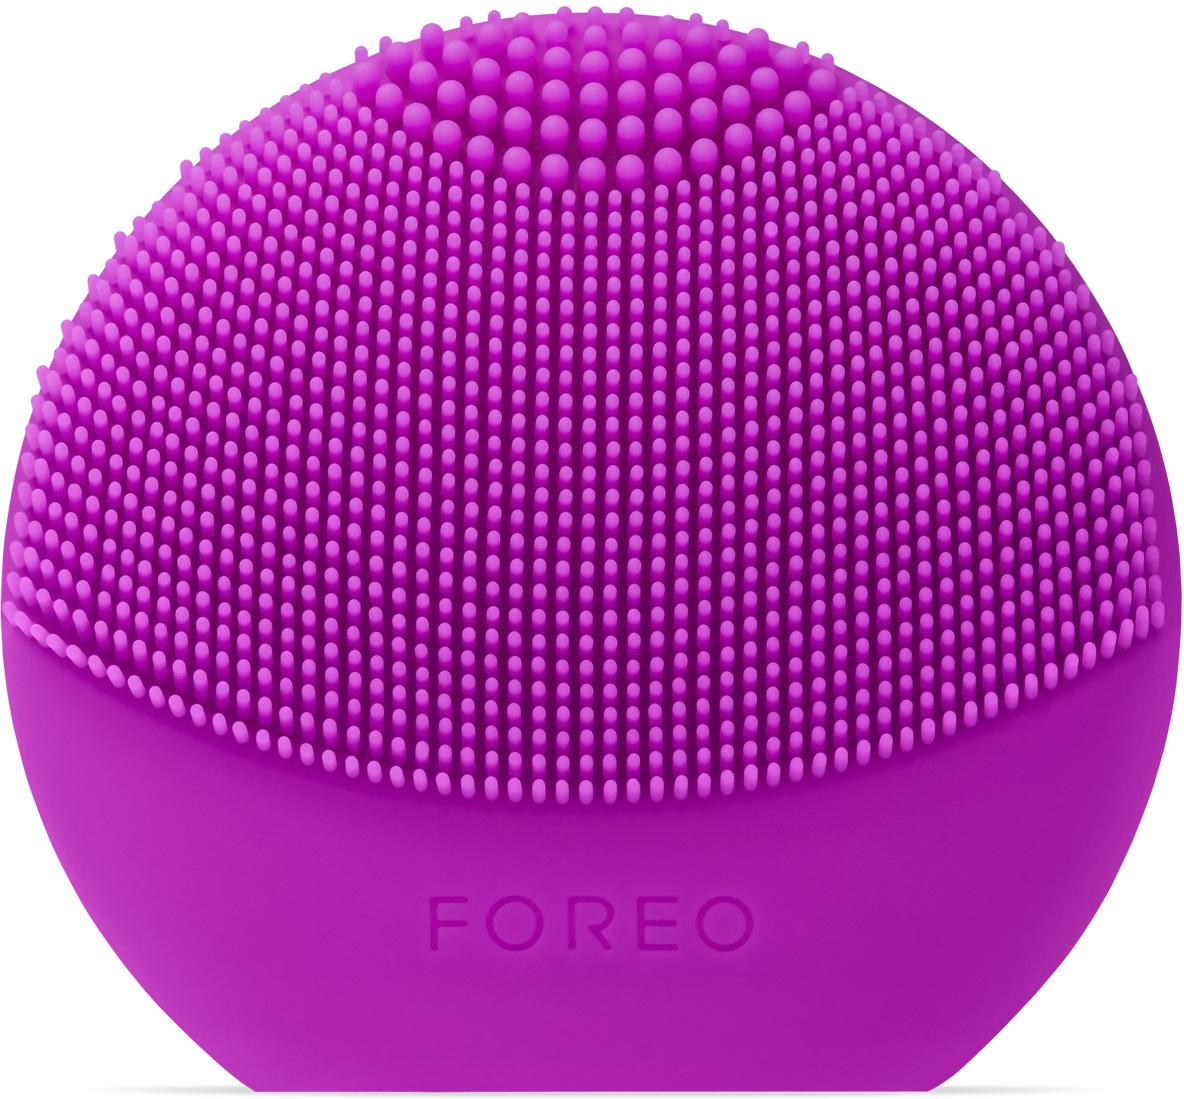 Foreo Щетка для очищения лица LUNA play plus, цвет: Purple (пурпурный)